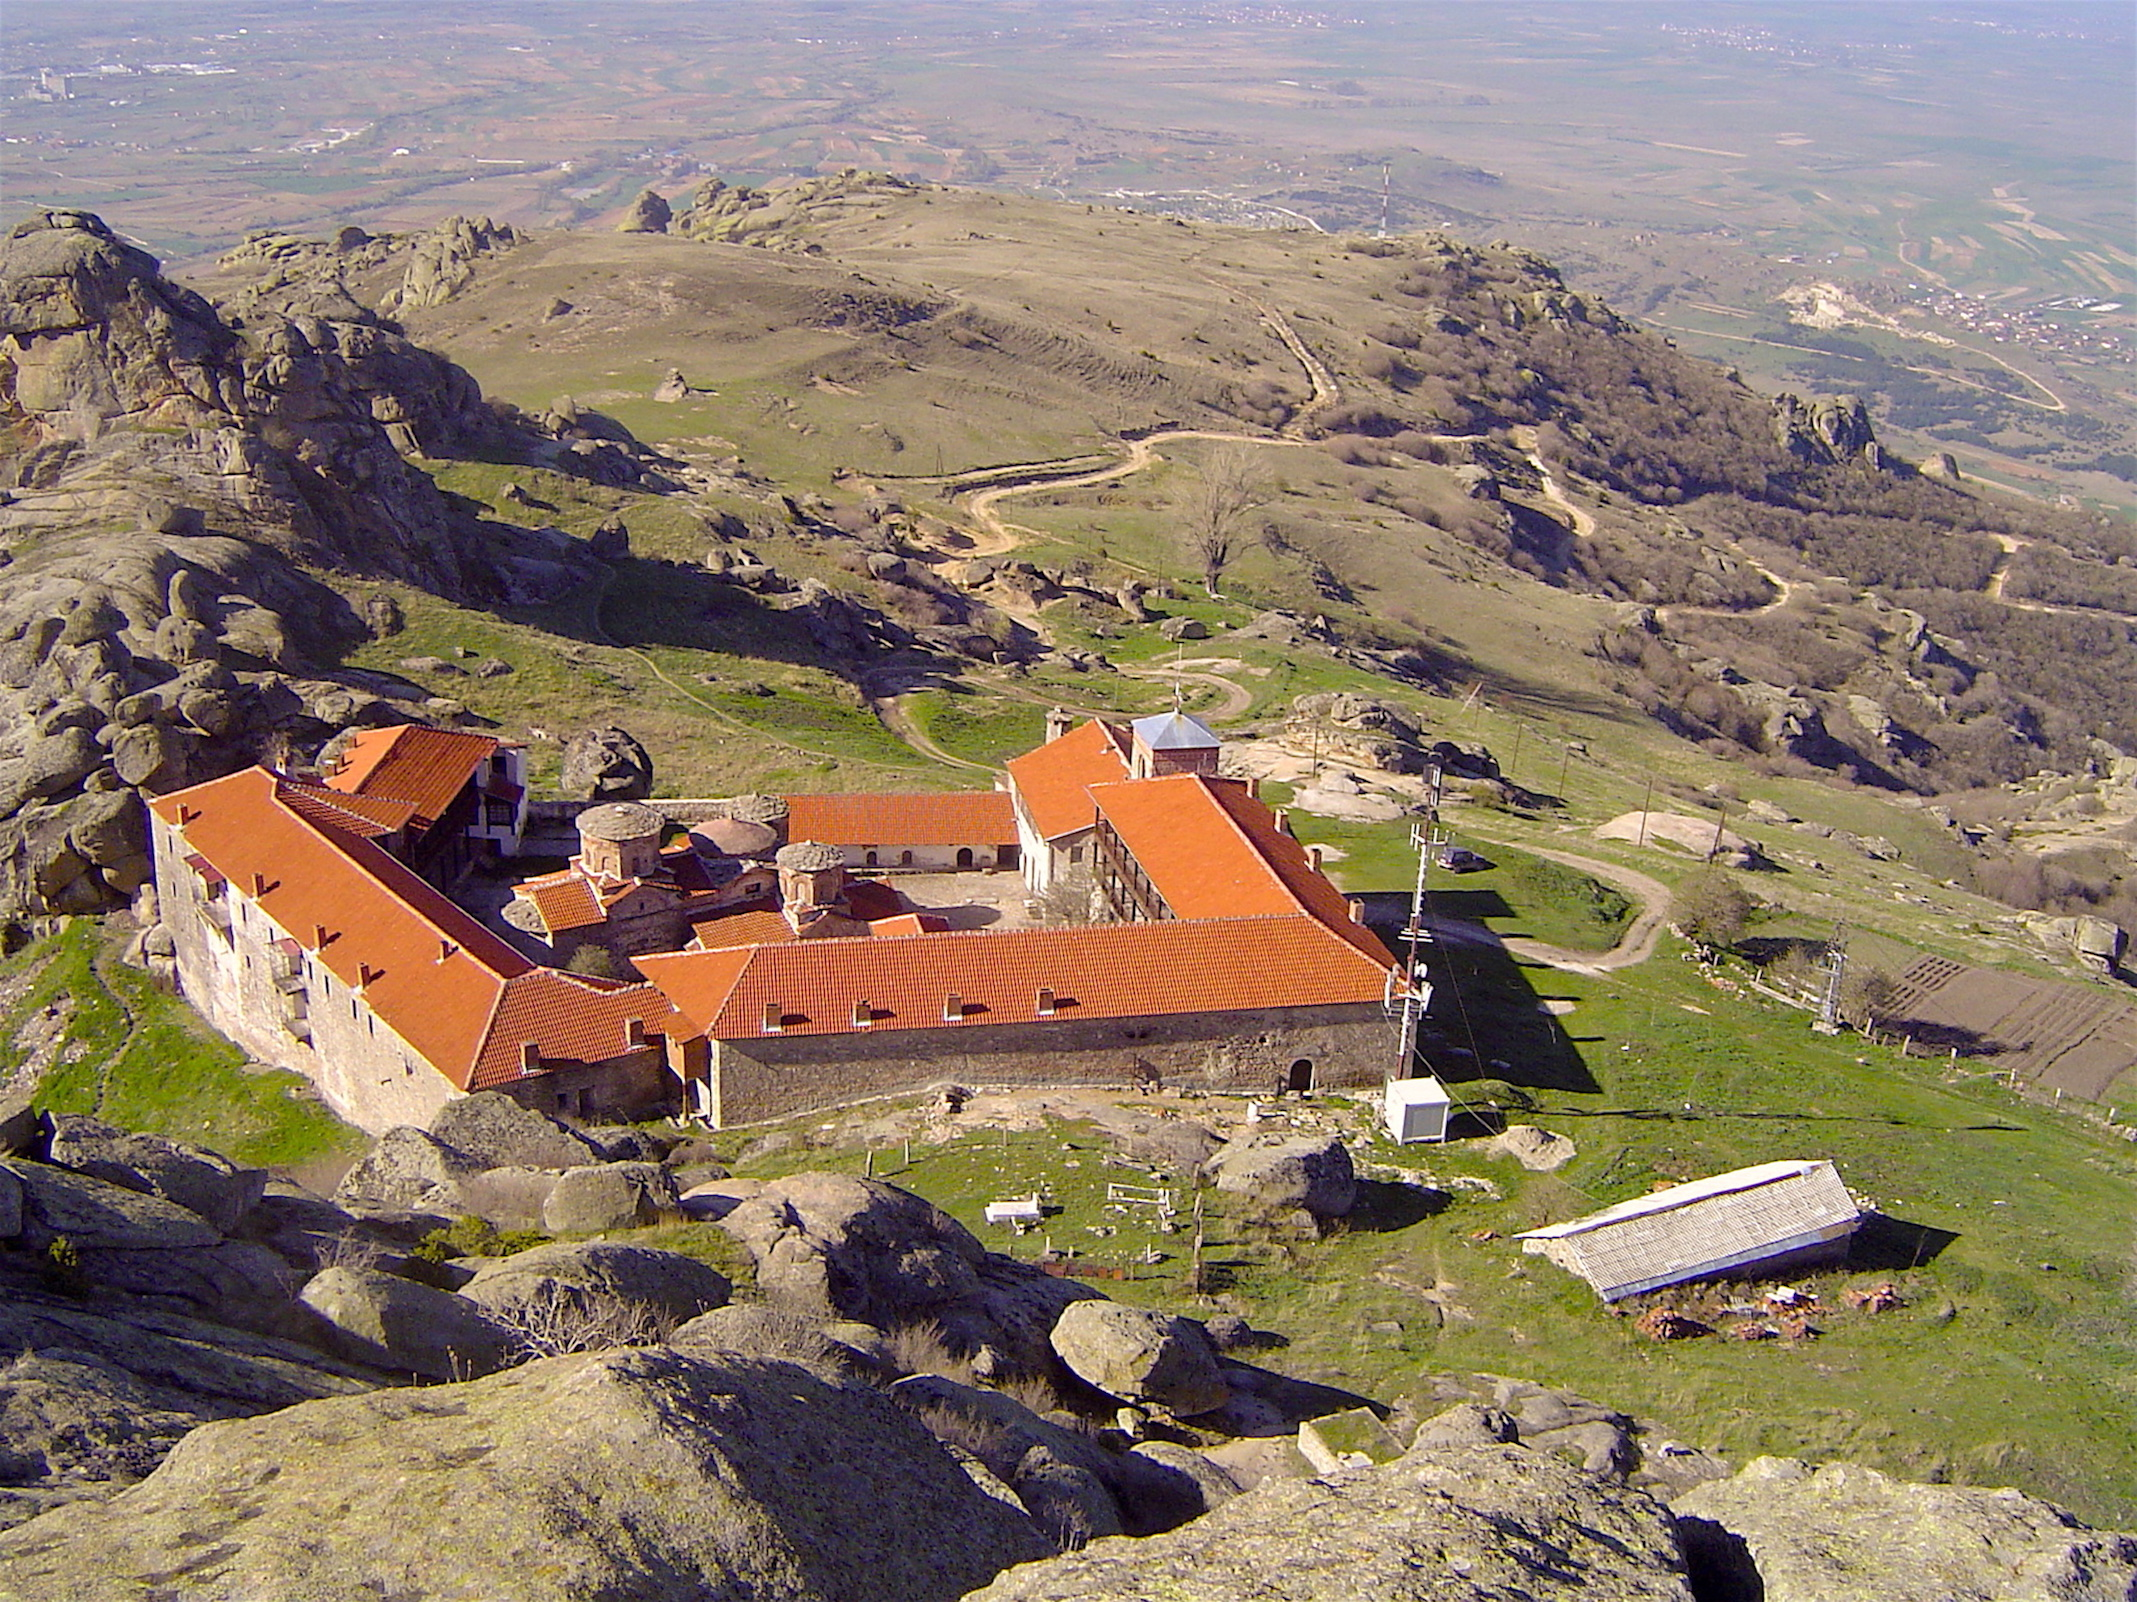 Monastyr Treskavec